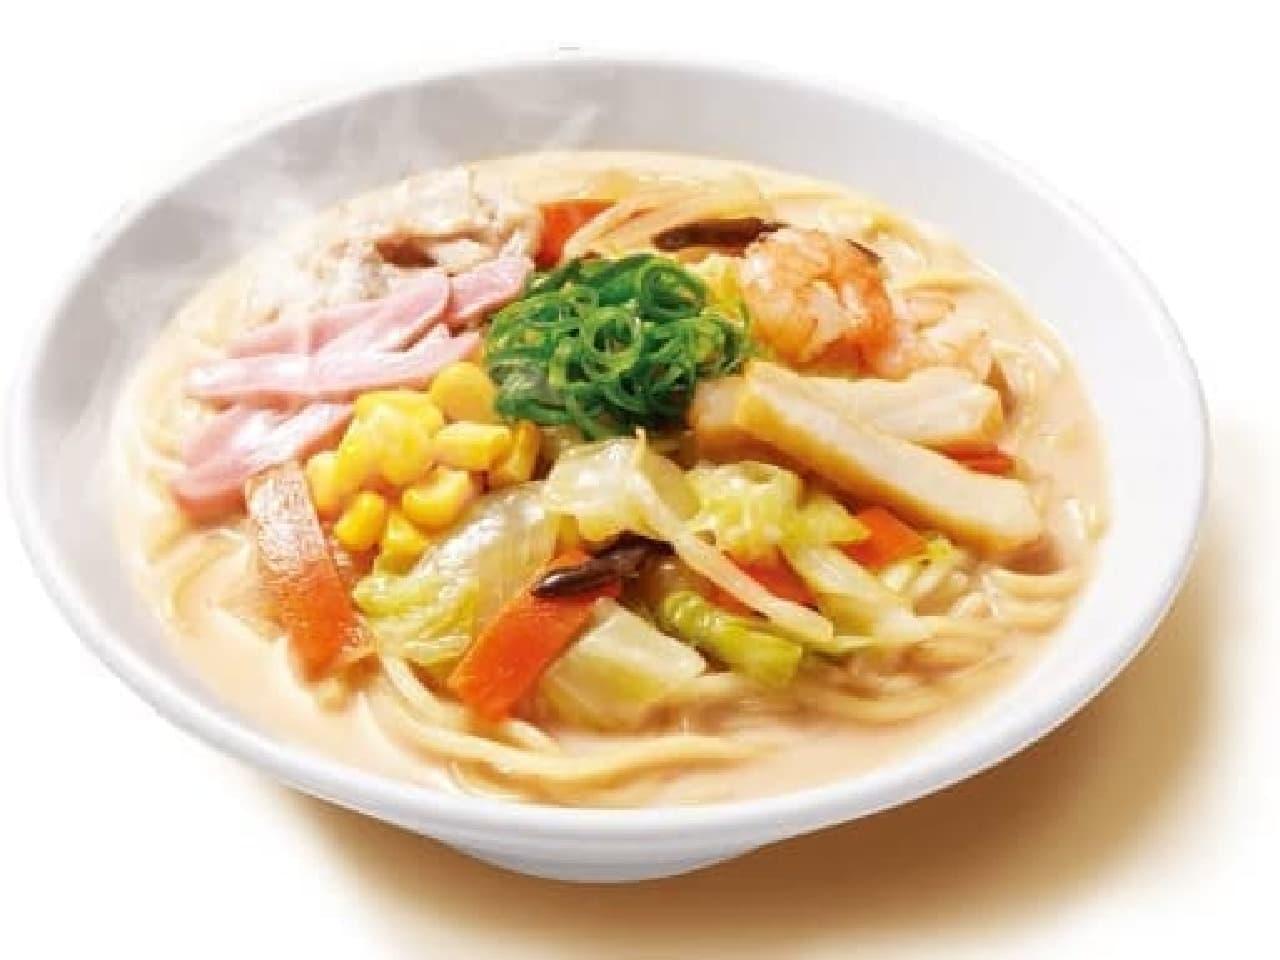 九州のファミリーマート限定「香ばし炒め野菜のちゃんぽん」